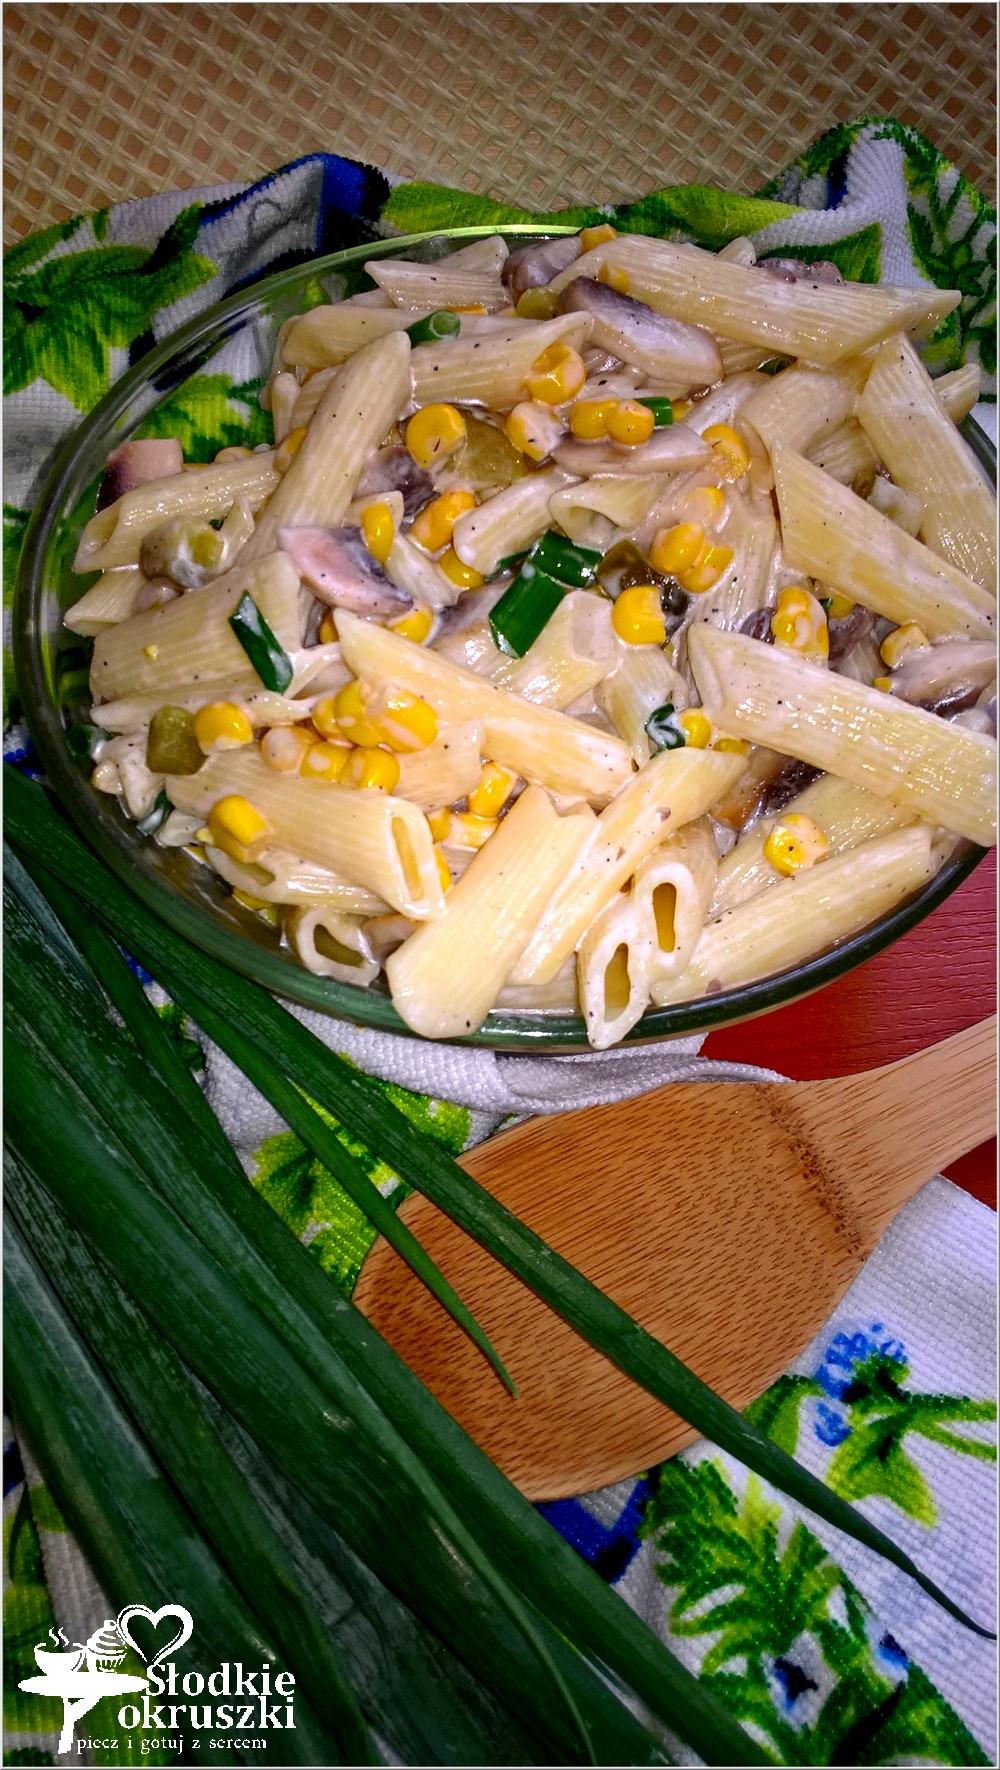 szybka-salatka-makaronowa-z-pieczarkami-ogorkiem-i-kukurydza